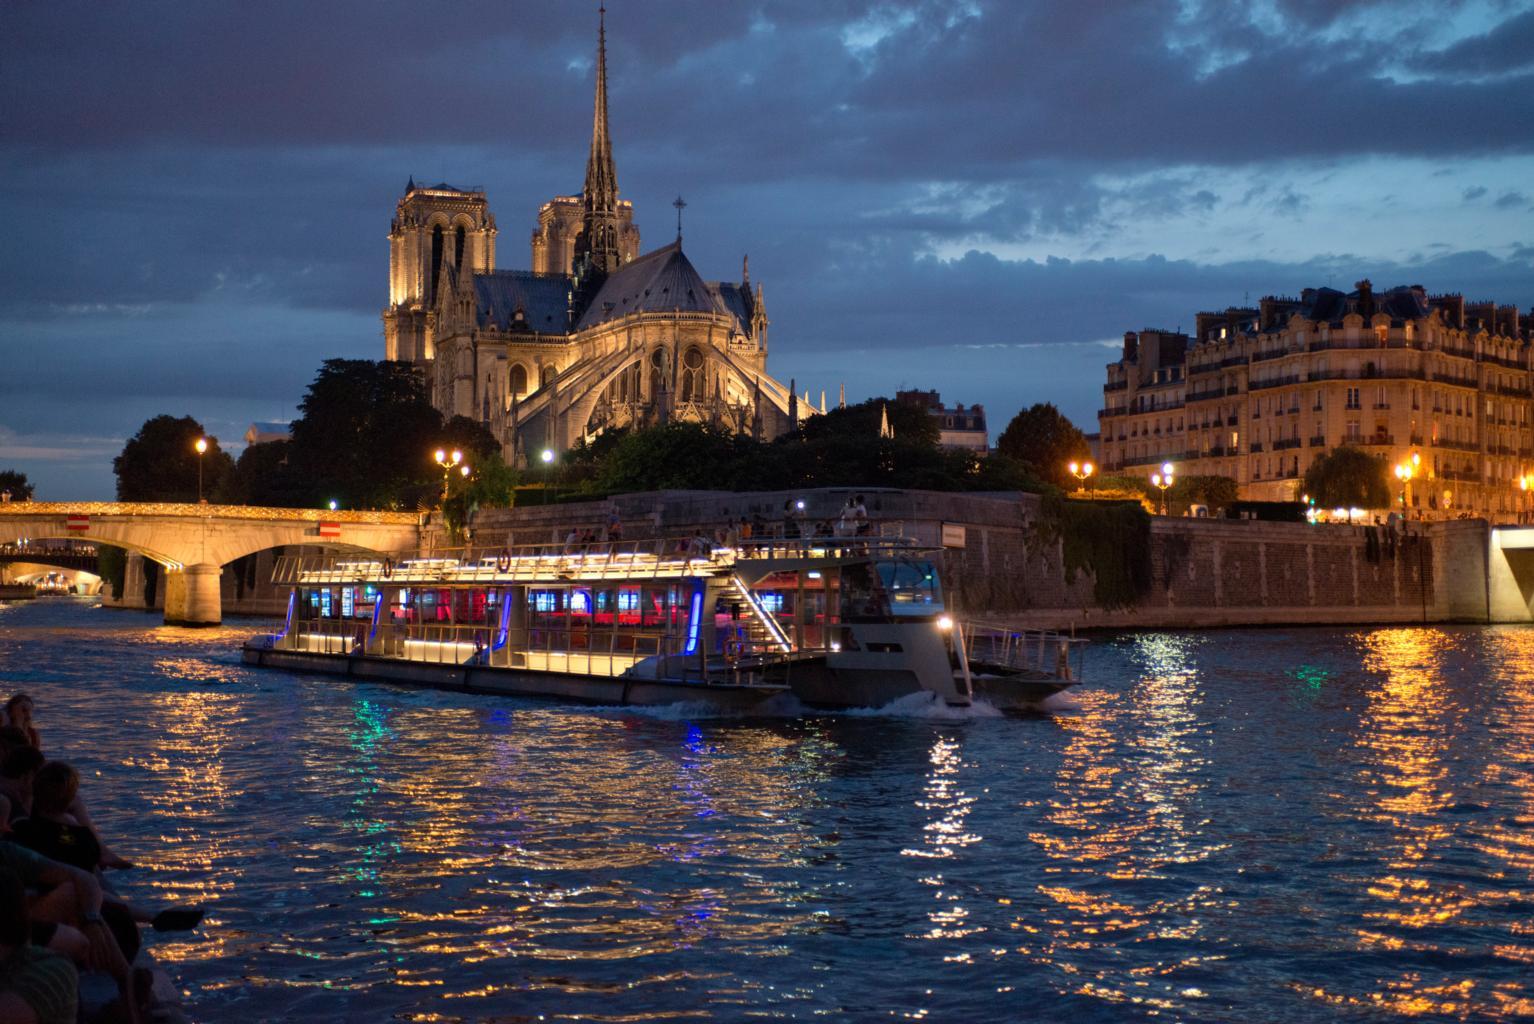 Bateaux parisiens carte jeunes europ enne - Bateaux parisiens port de la bourdonnais ...